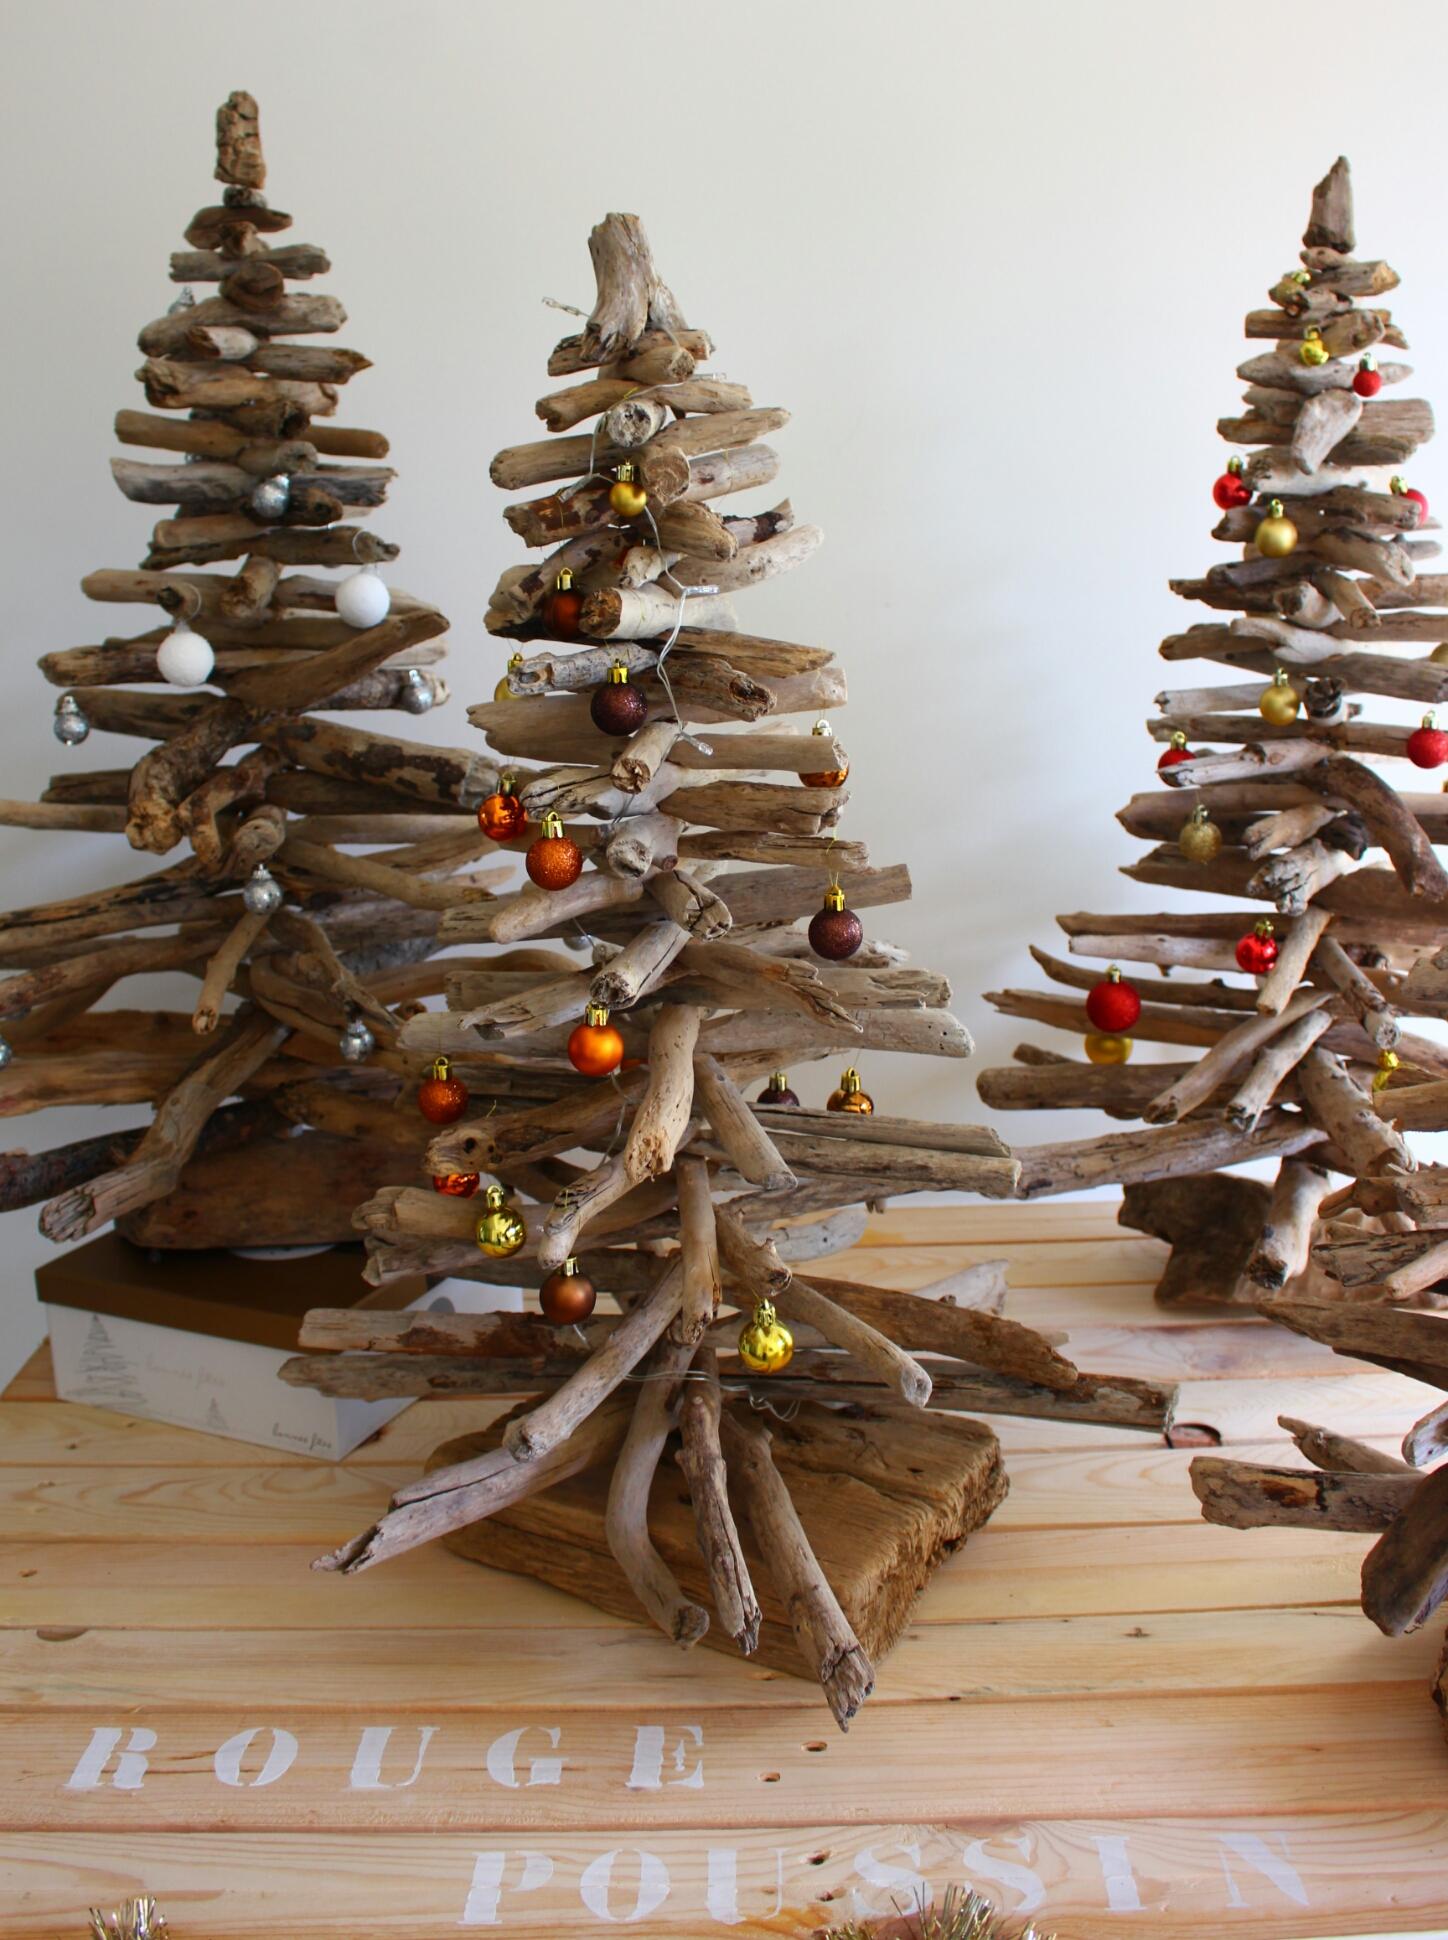 Sapin de no l en bois flott rouge poussin - Sapin noel bois flotte ...